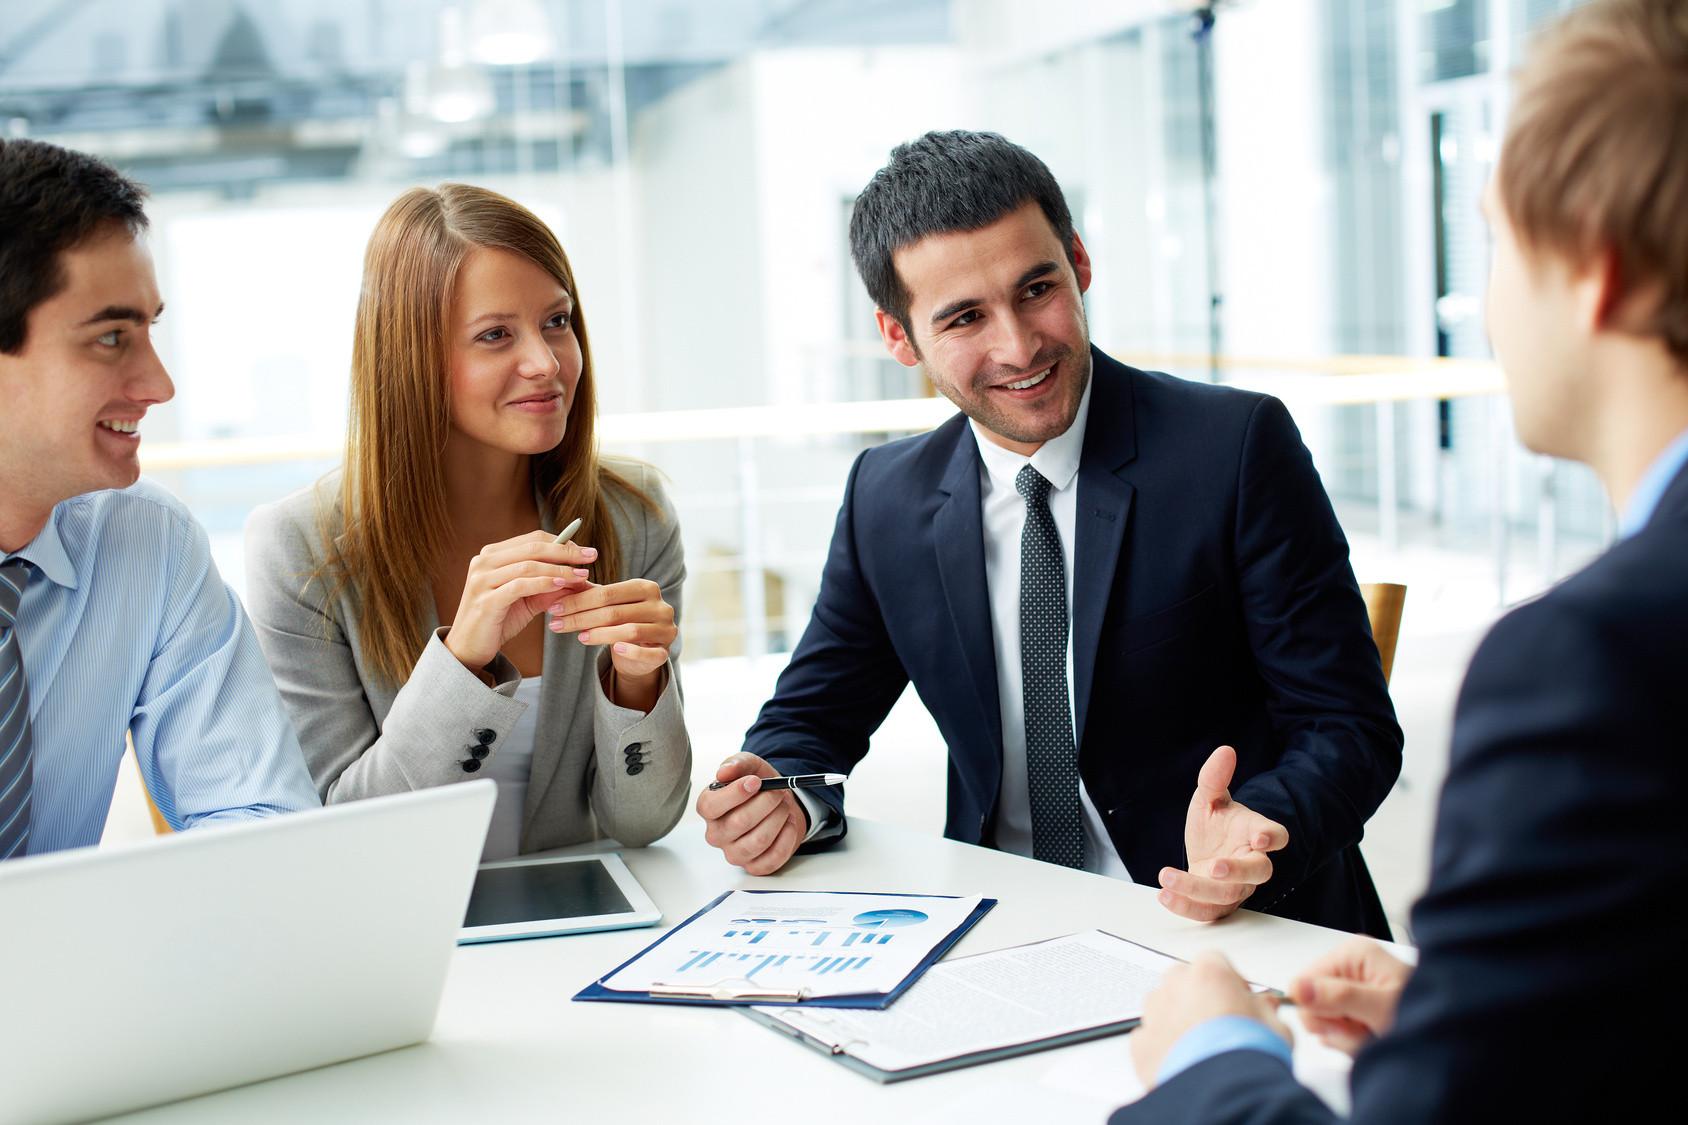 Las 3 fases para una venta exitosa - Conoce Tu Negocio